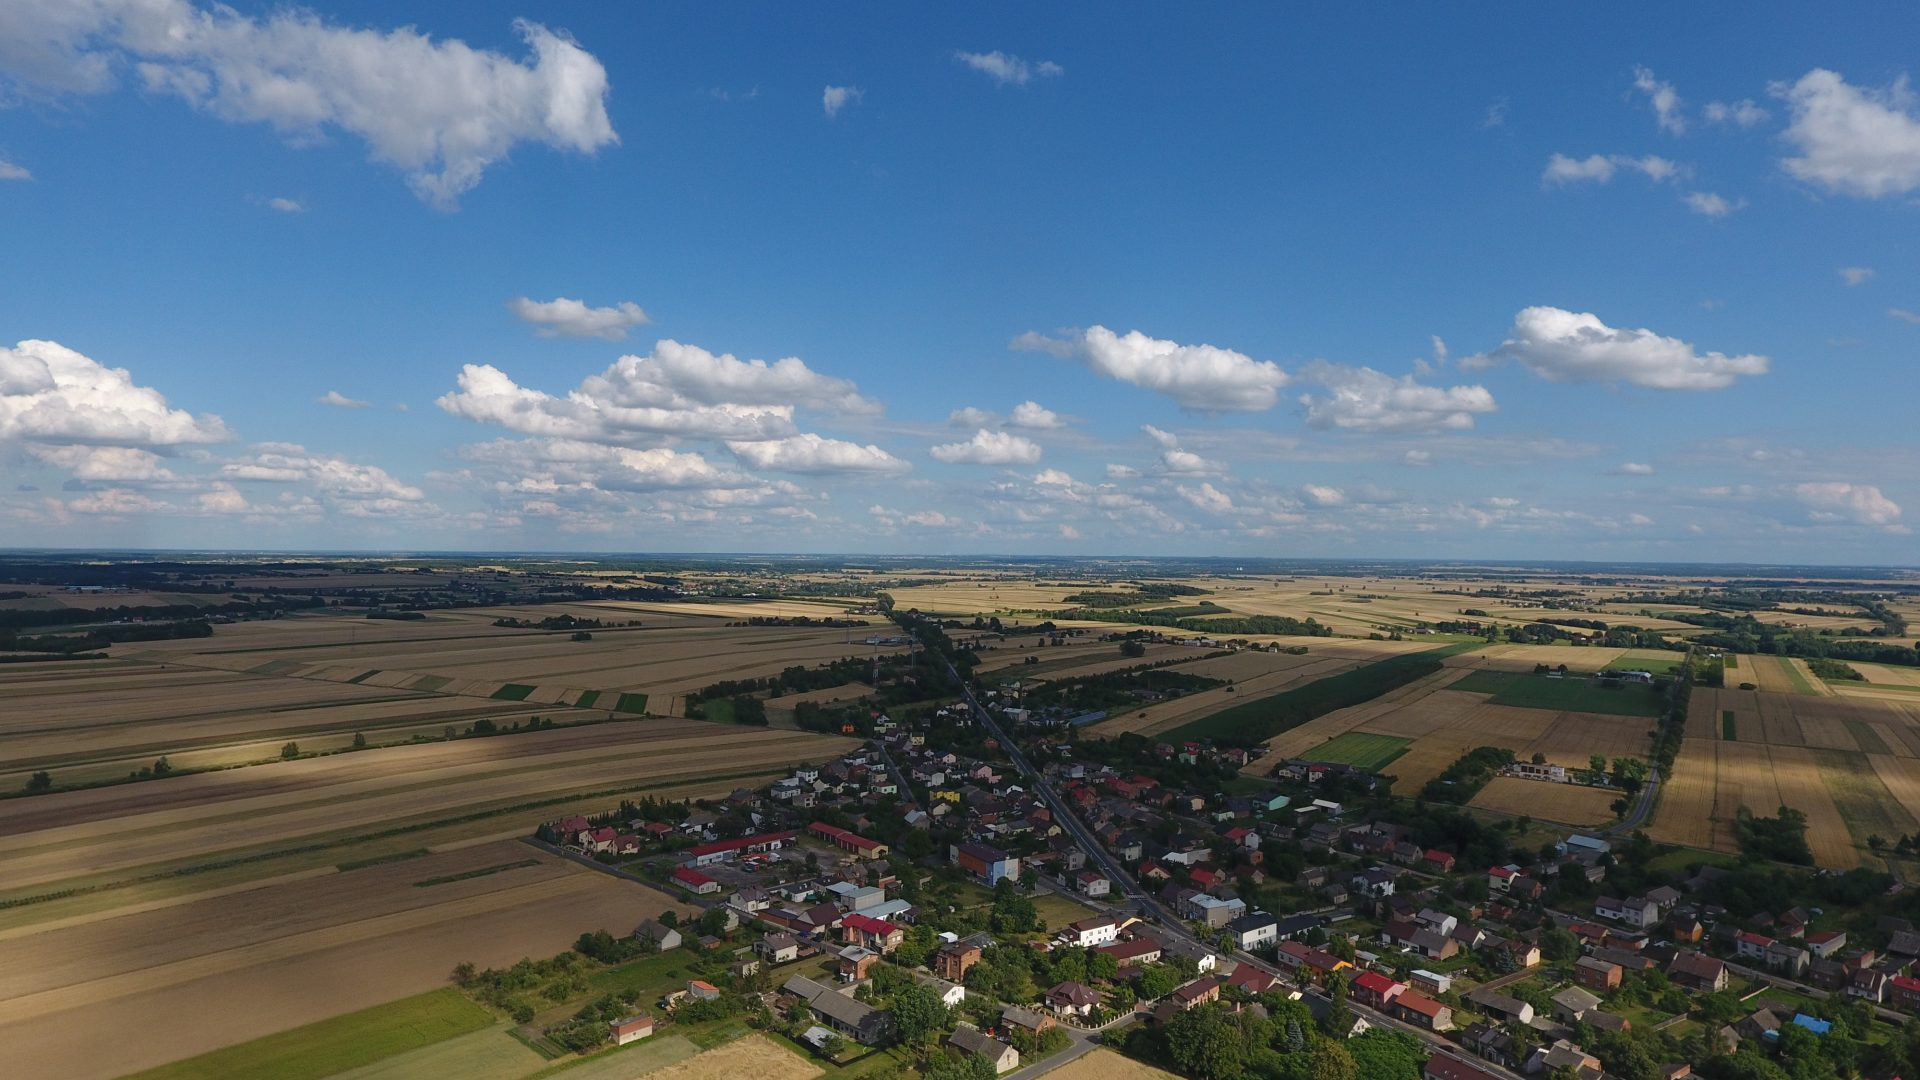 Zdjęcie z drona na wioskę w Polsce